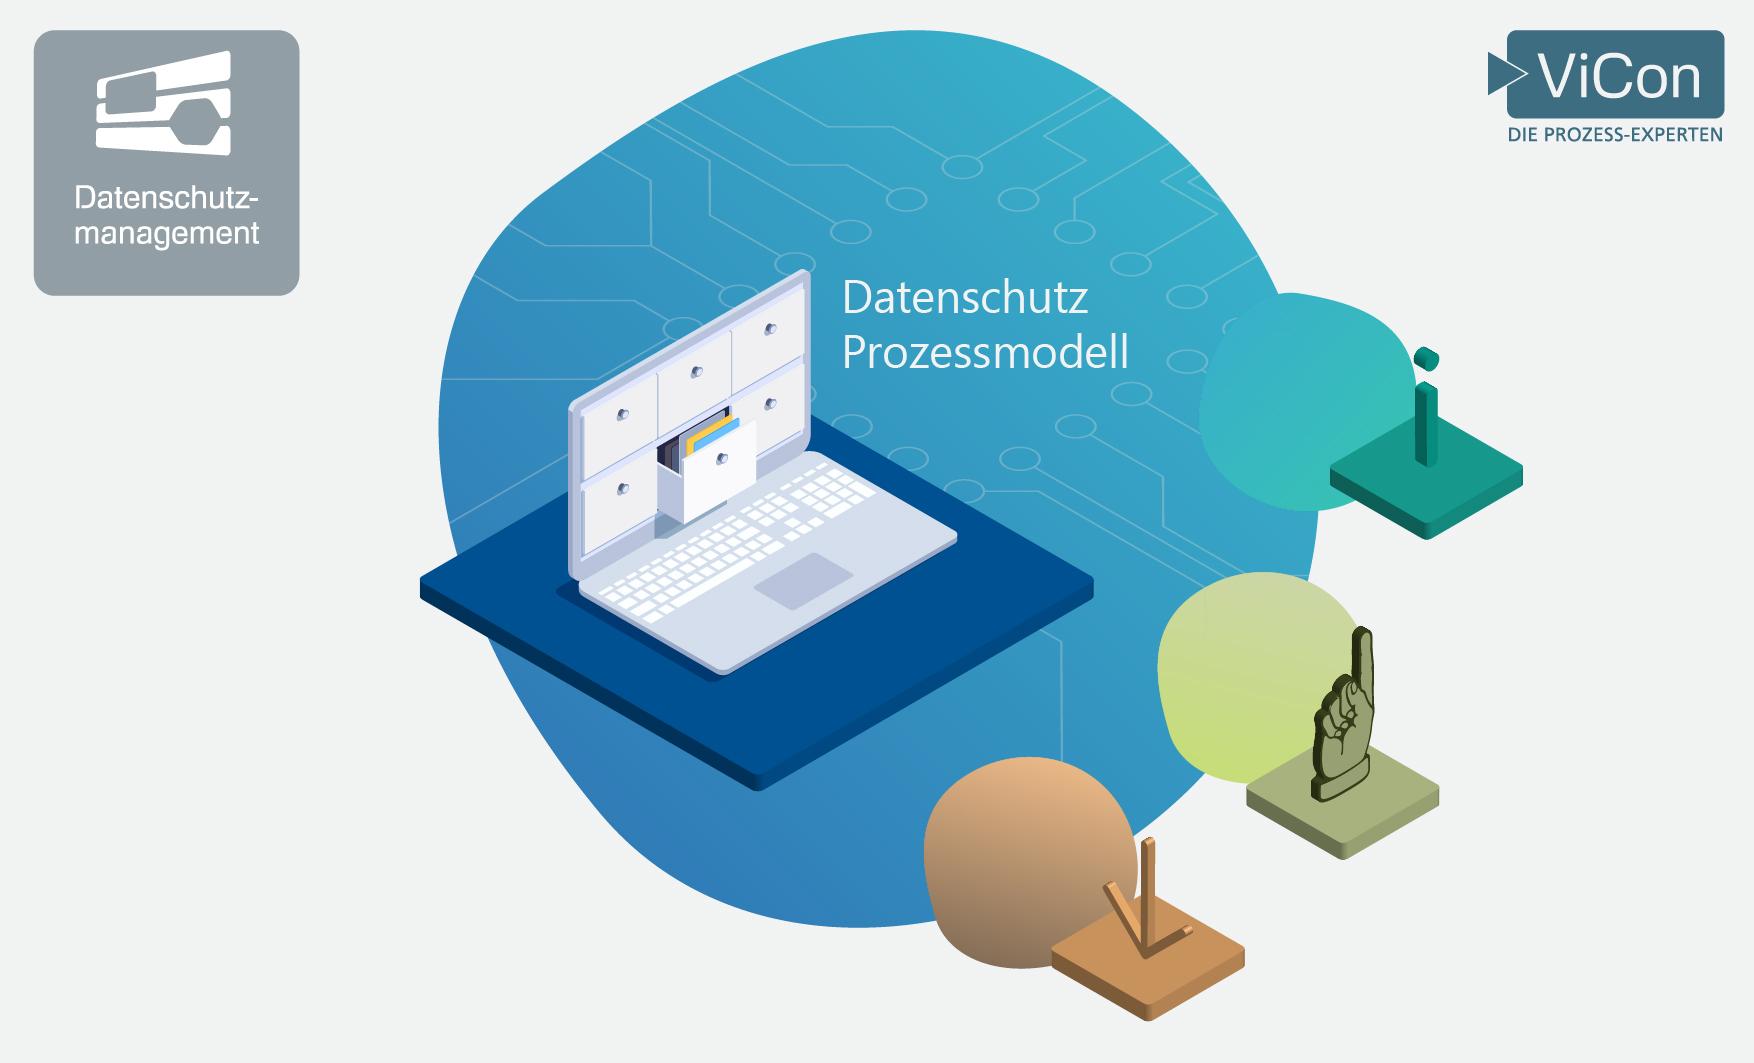 Schnell, einfach und kostengünstig zum professionellen Datenschutzmanagement-System